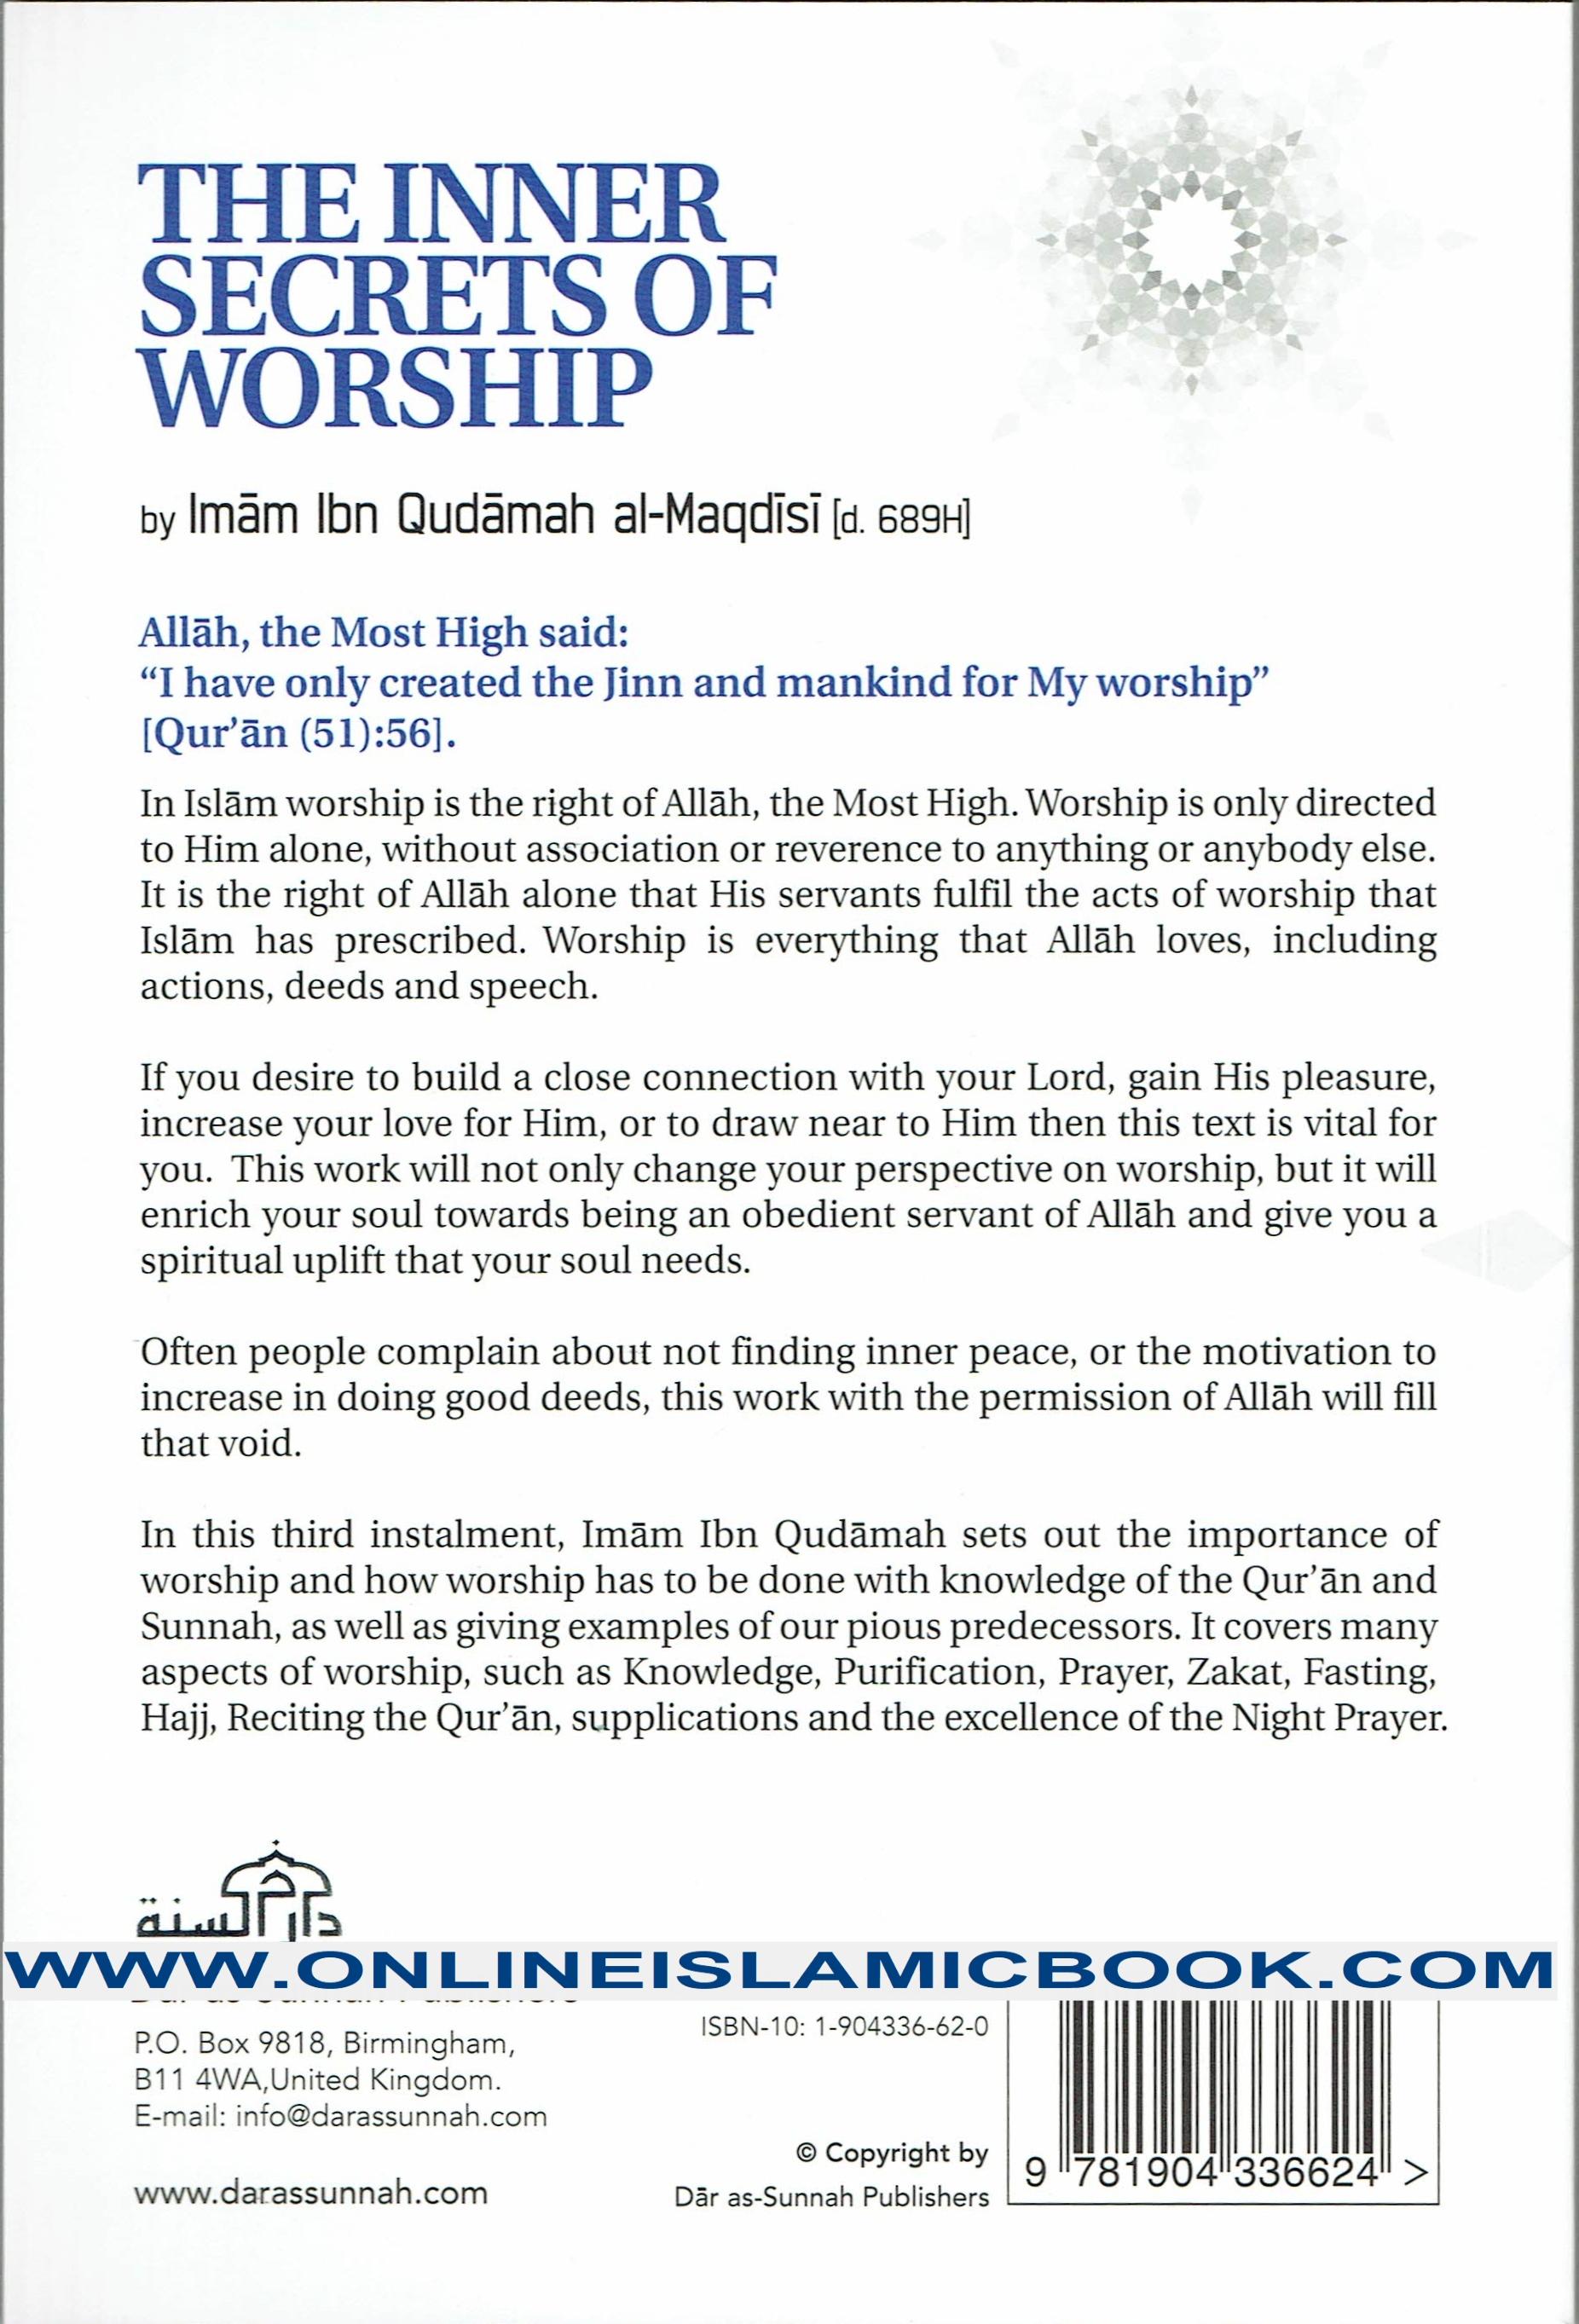 the-inner-secrets-of-worship-2-.jpg